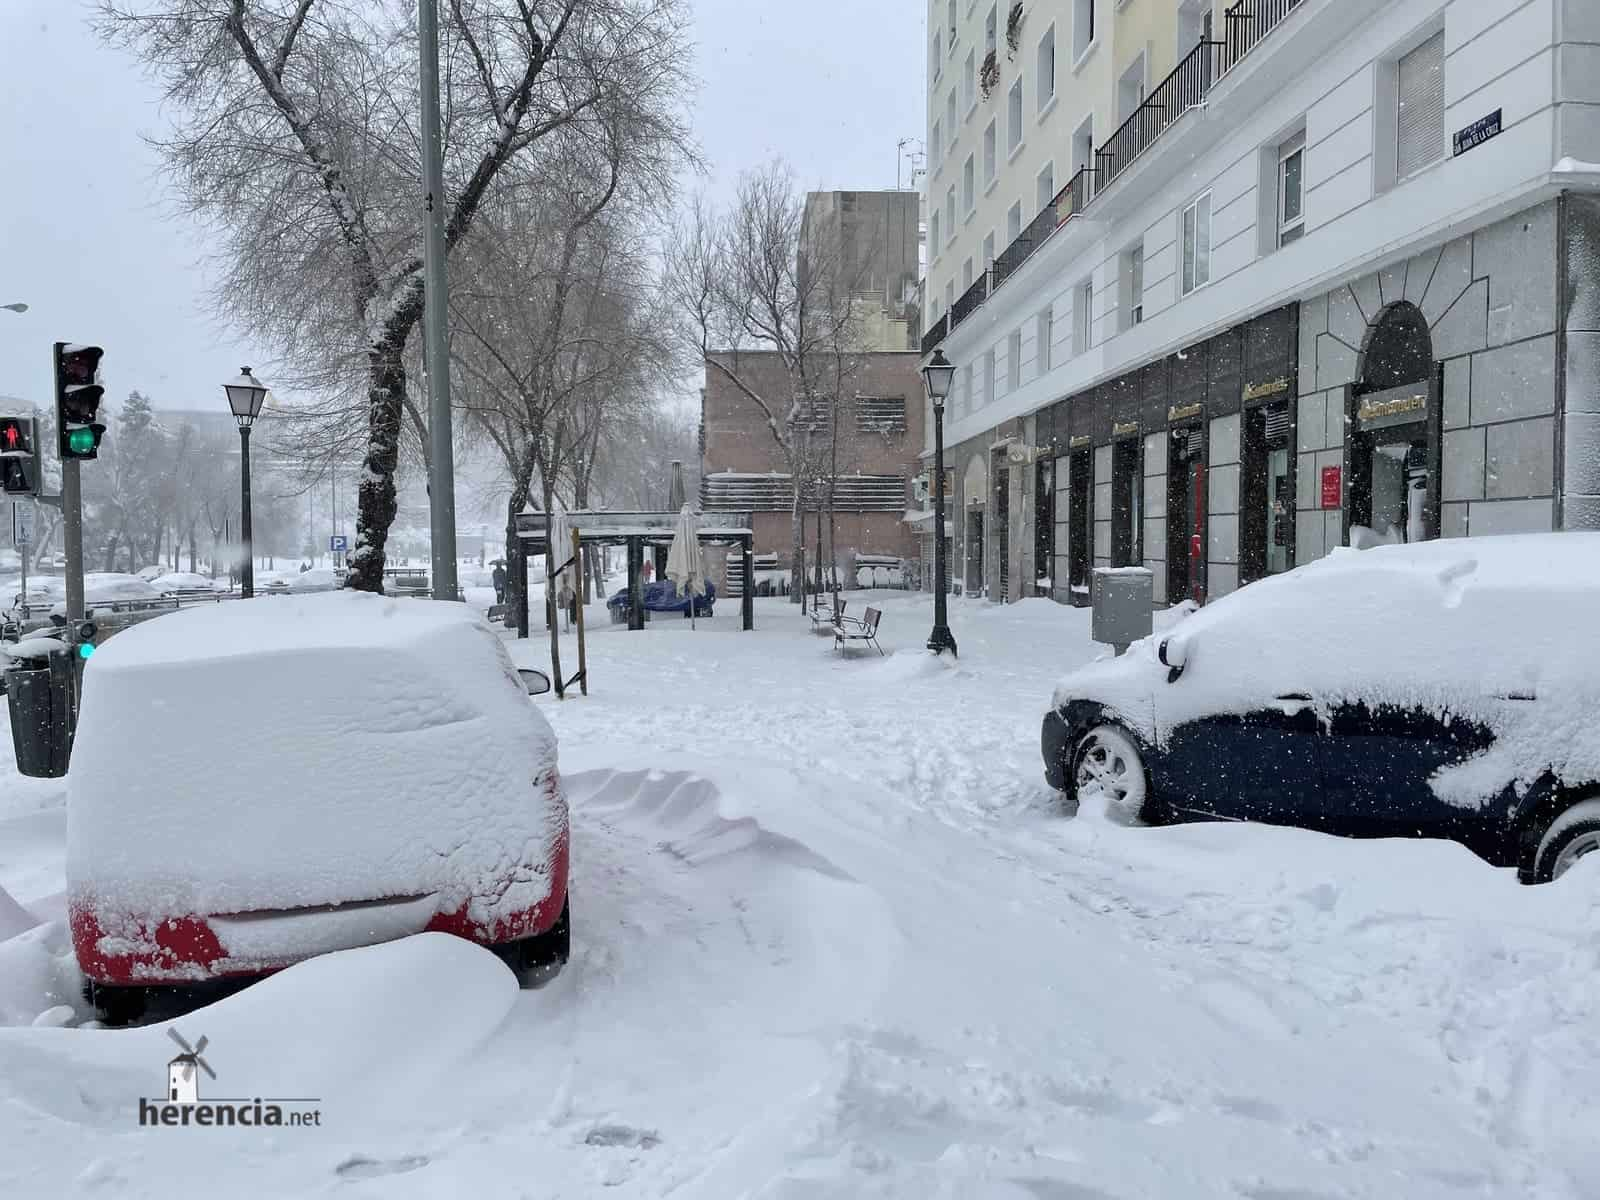 Fotografías de la nevada de enero en Madrid (España) 120